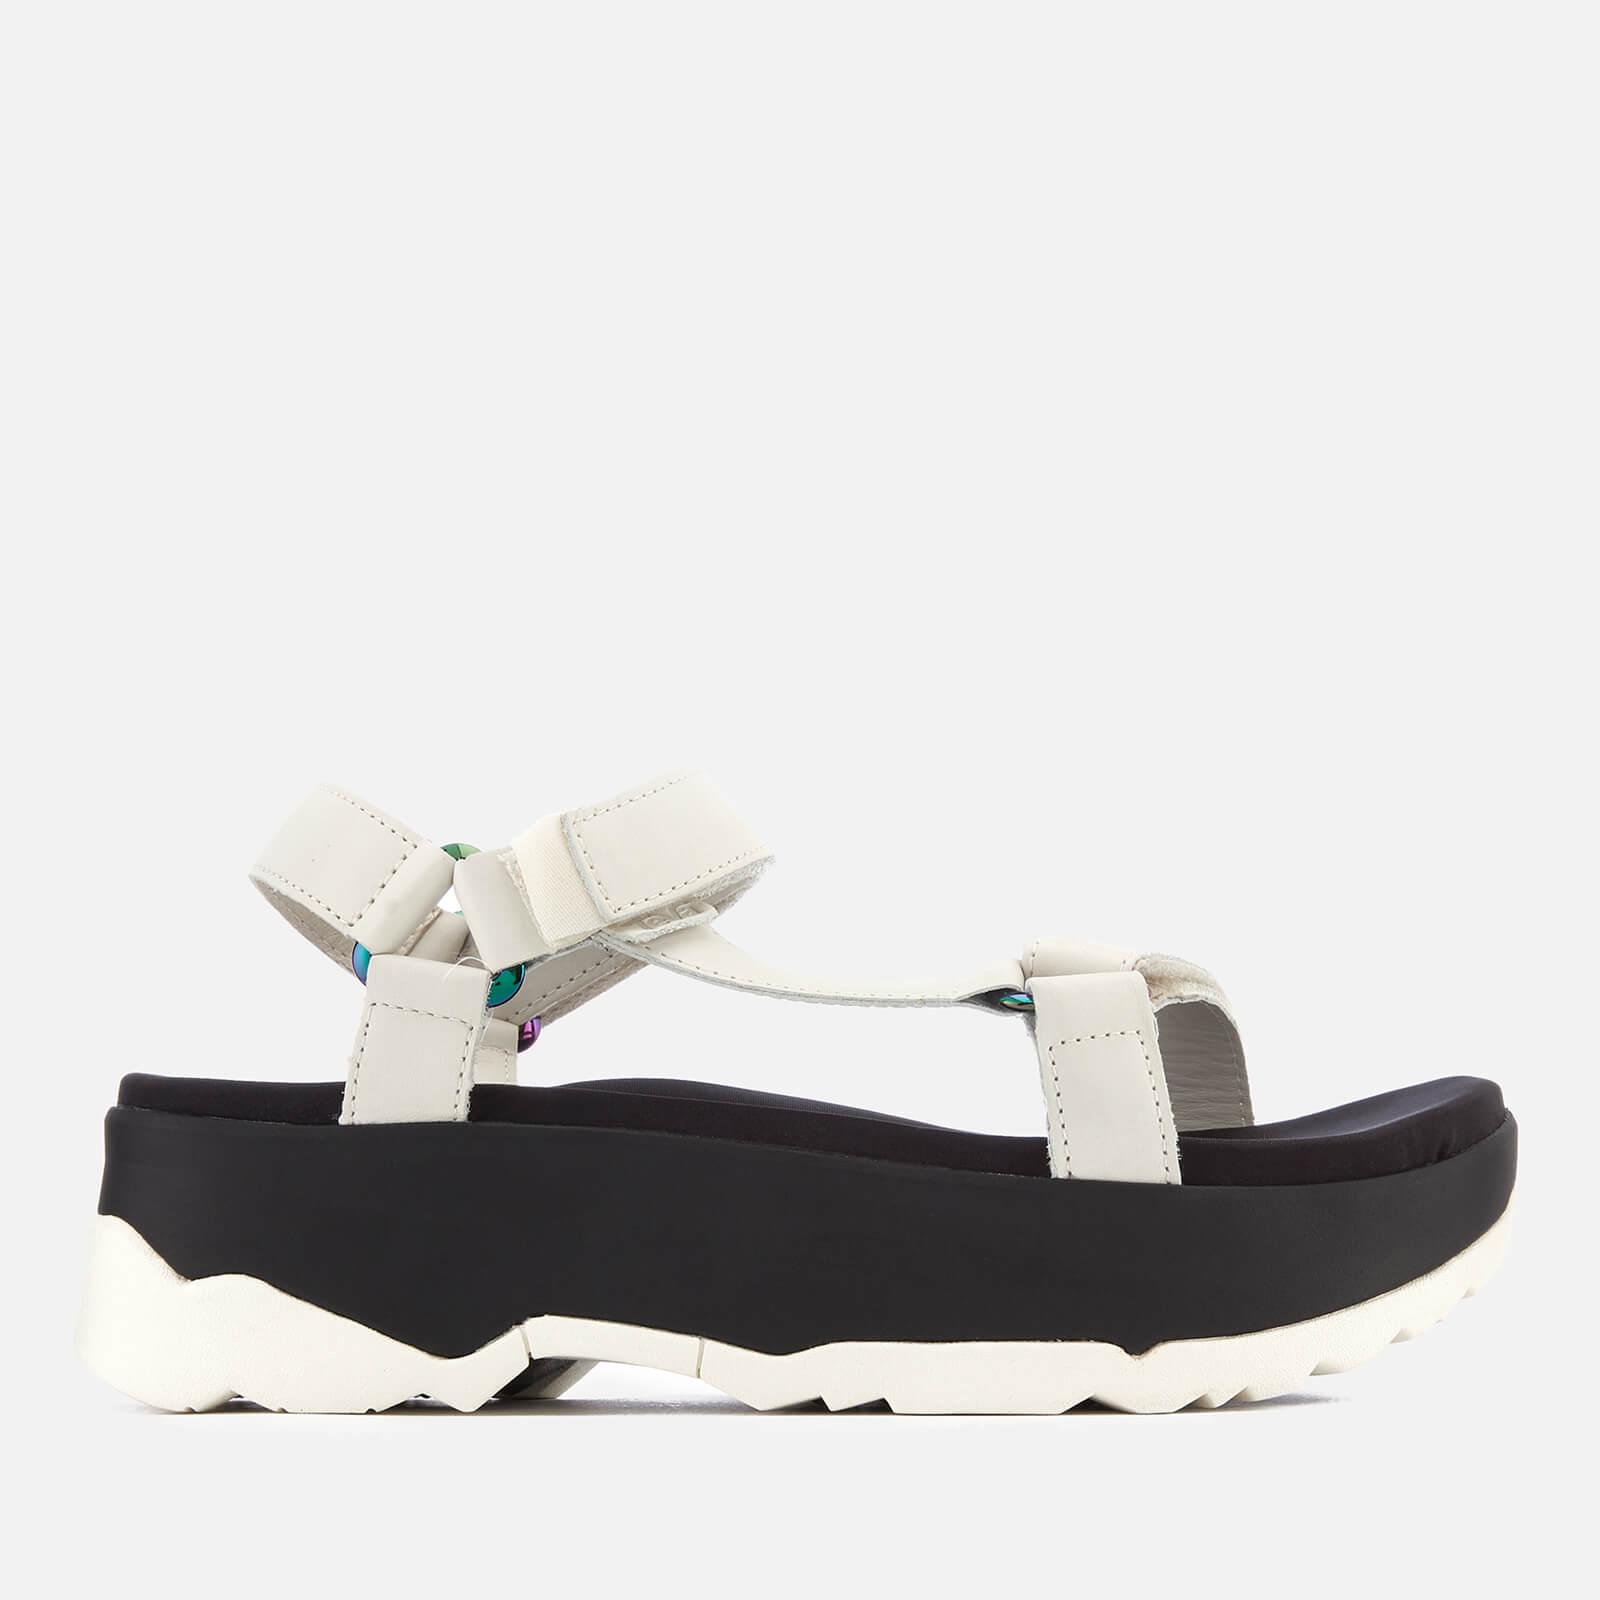 7083b81ff6e Teva Women s Zamora Universal Flatform Sandals - White Womens Accessories